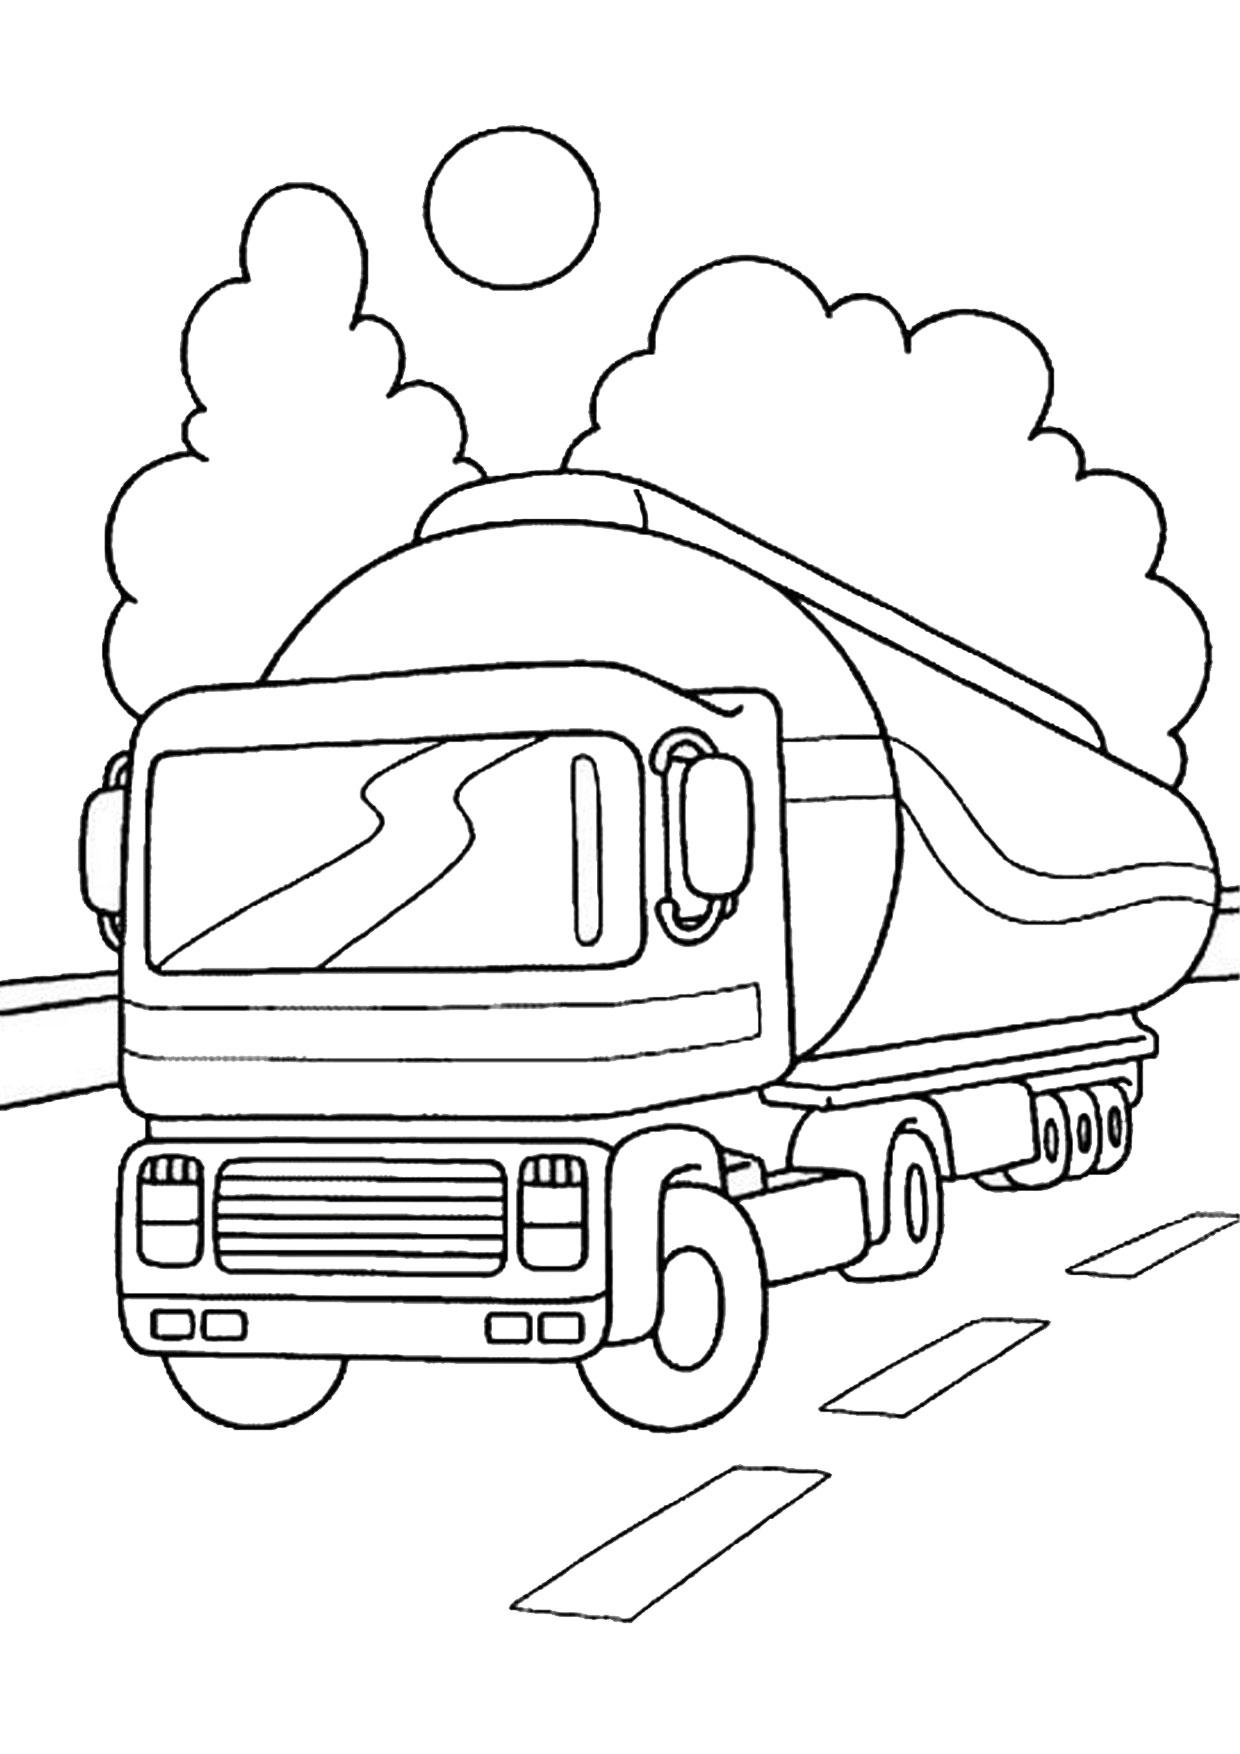 Disegno di camion da colorare 30